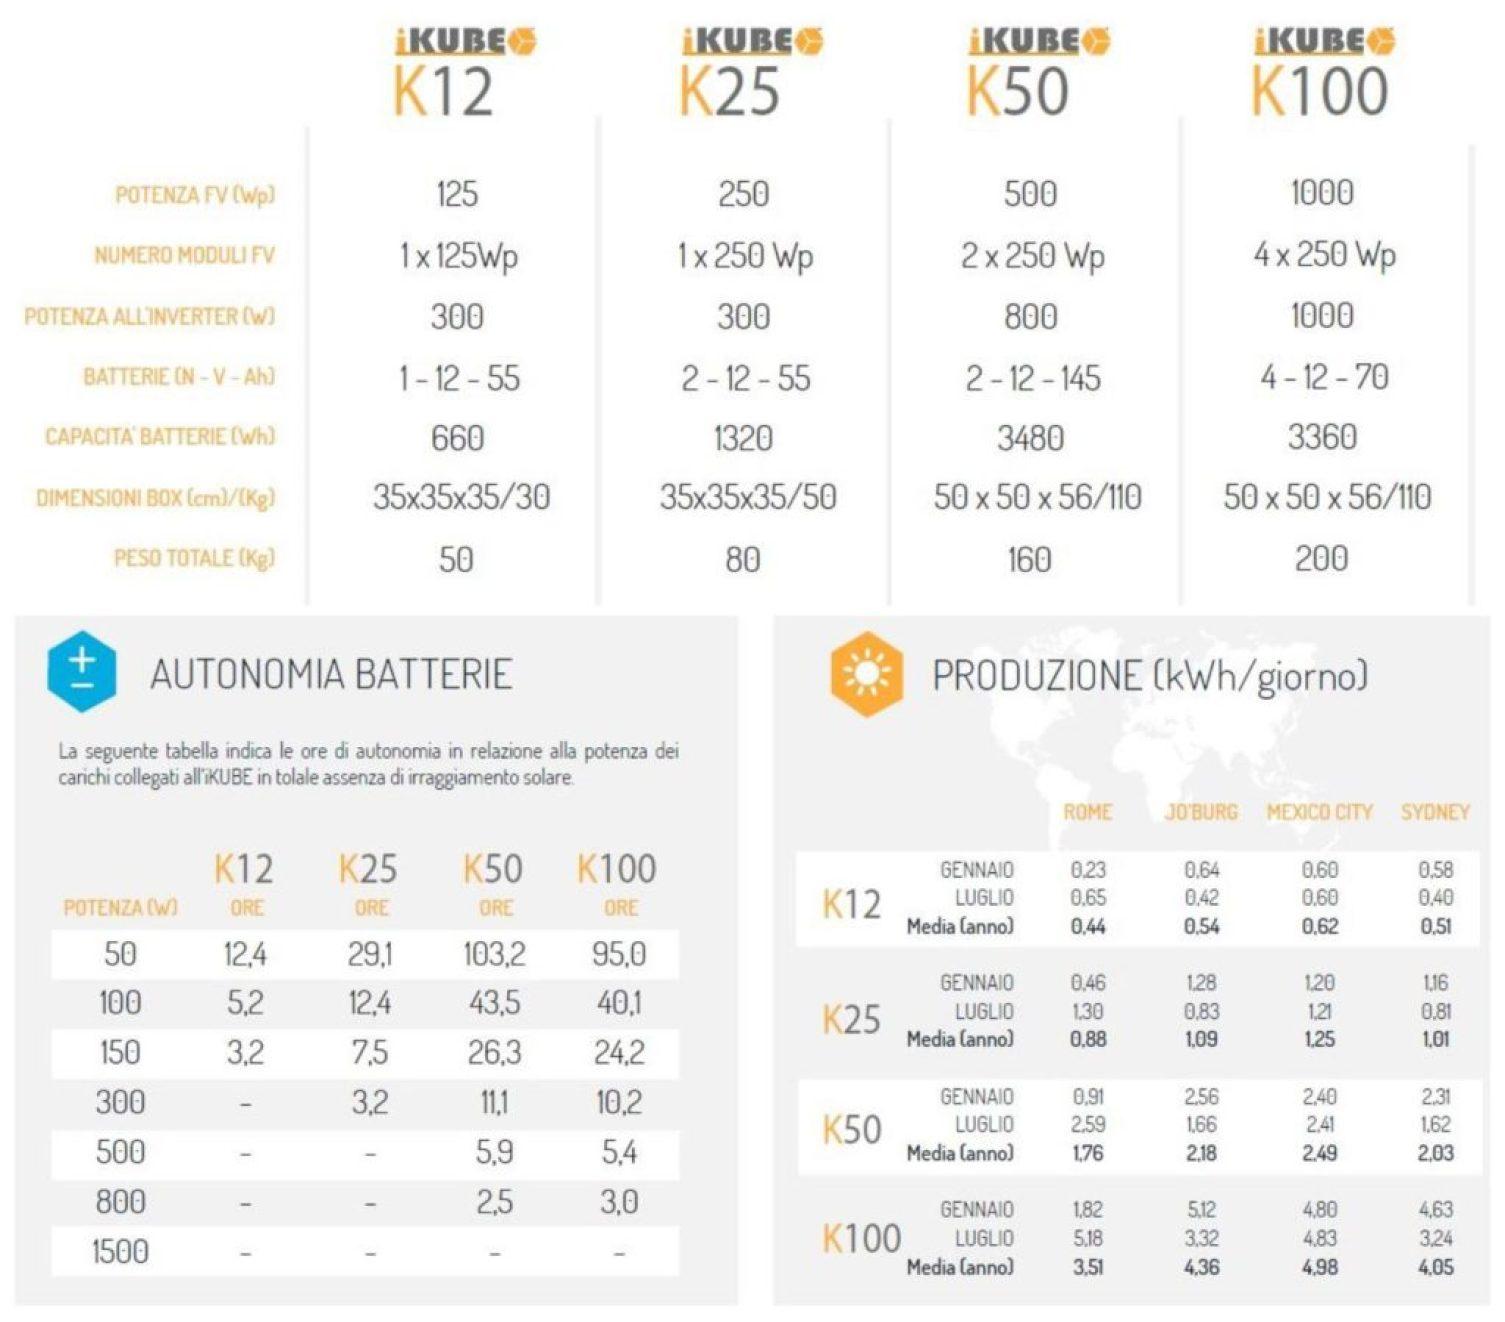 modelli e prestazioni iKUBE serie K